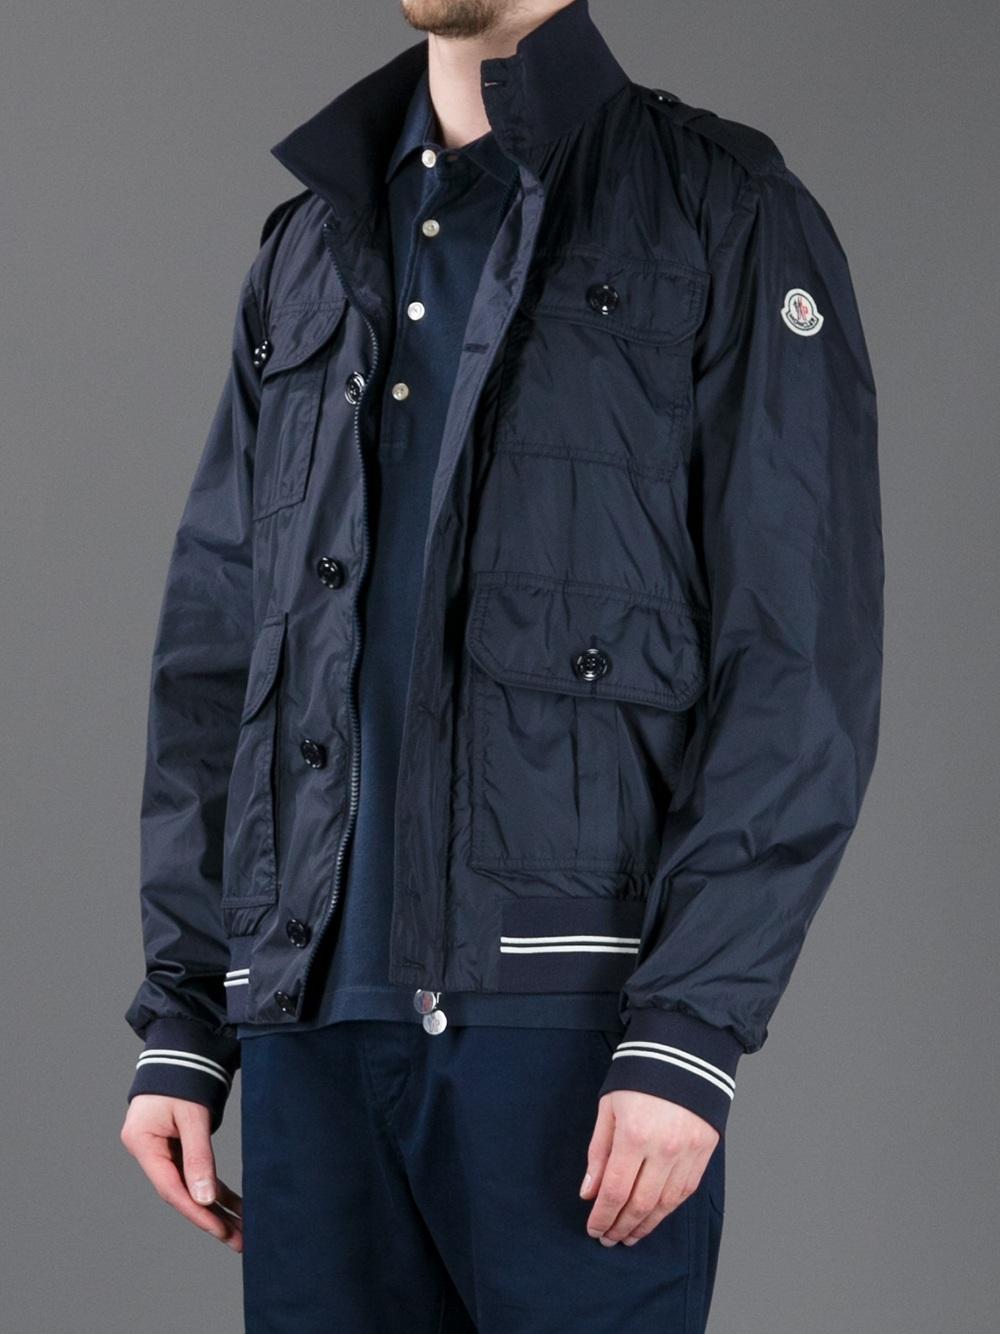 france moncler coat waterproof clothing 32920 666fd rh cockaweek com